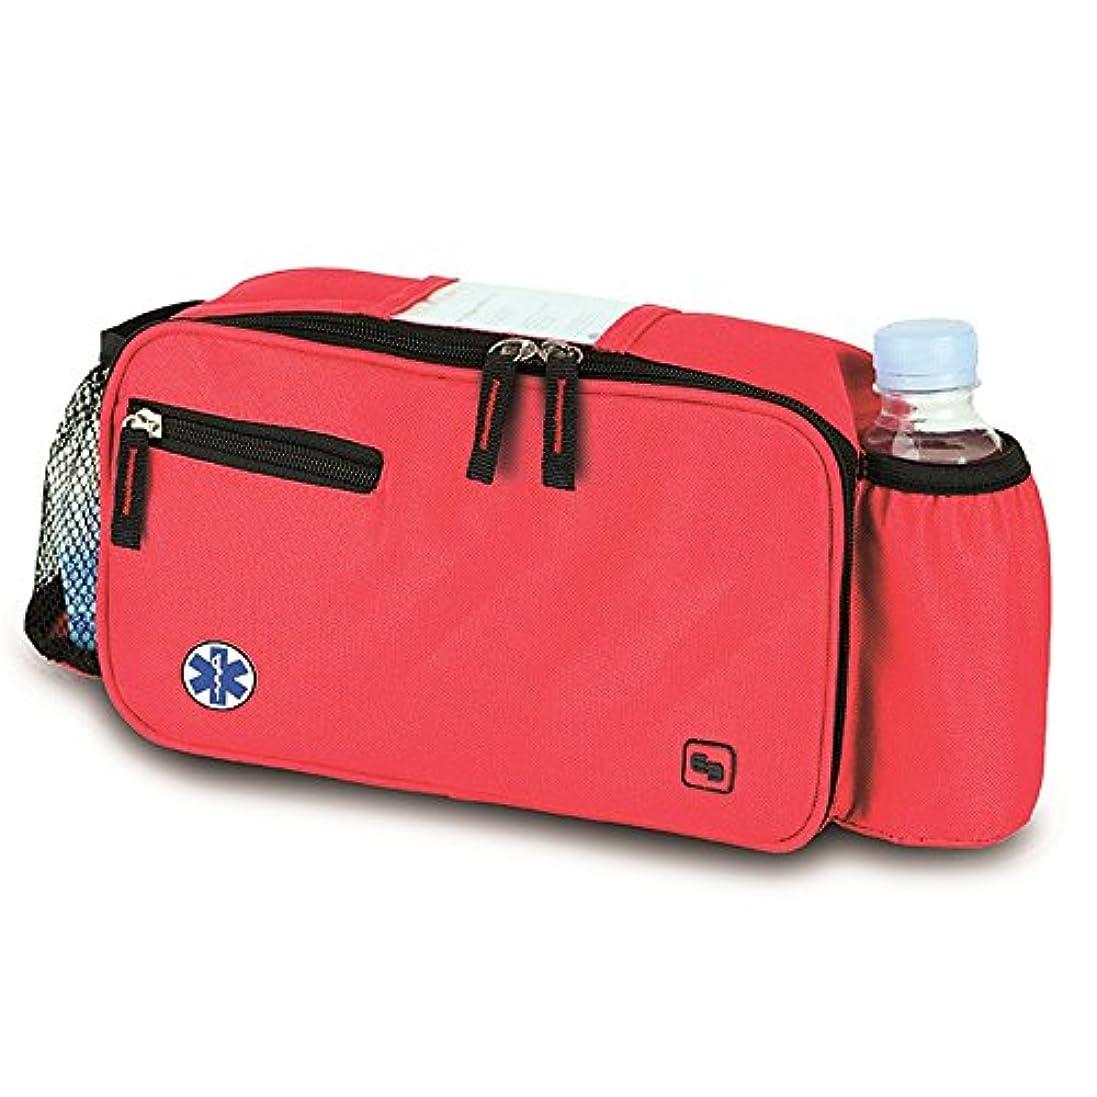 古風なサラダ唇日進医療器 エリートバッグ EB救急ウエストポーチ EB08-002 1セット 4955574967128